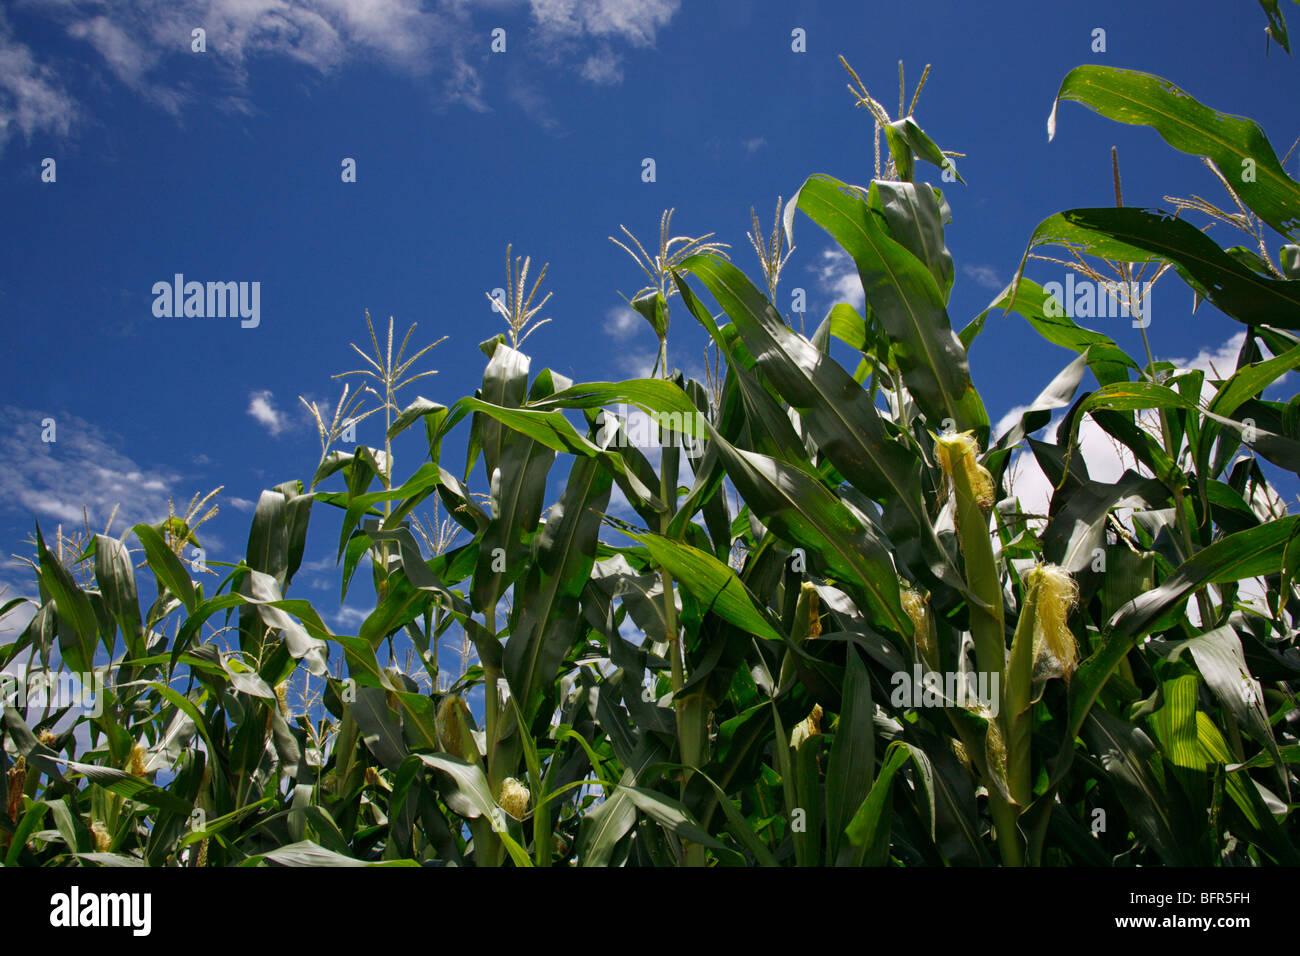 Faible angle de vue des plants de maïs presque prêts pour la récolte Photo Stock